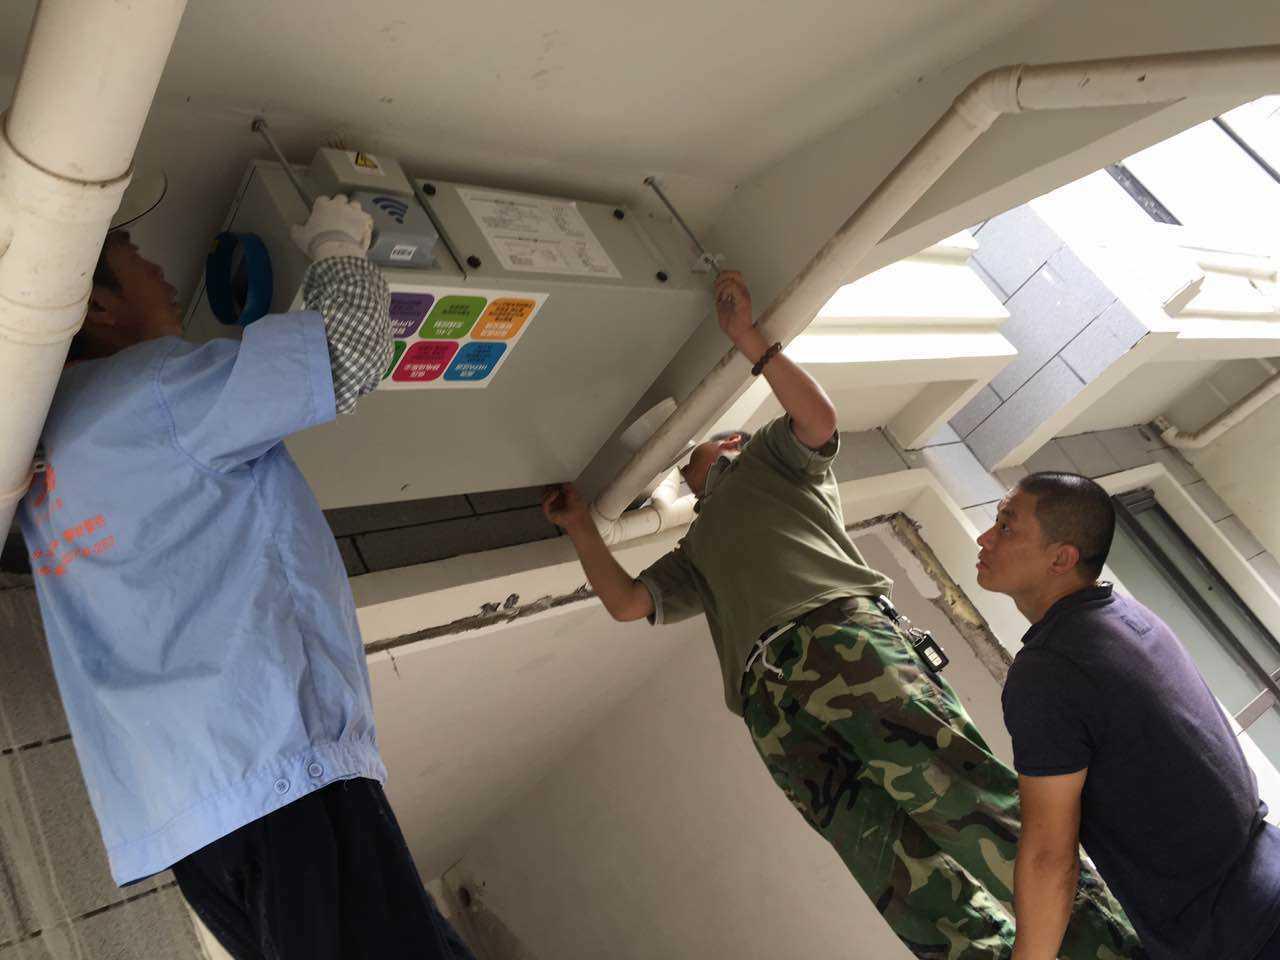 阿勒泰室内PM2.5过滤换气系统_乌鲁木齐新疆新风系统专业供应商